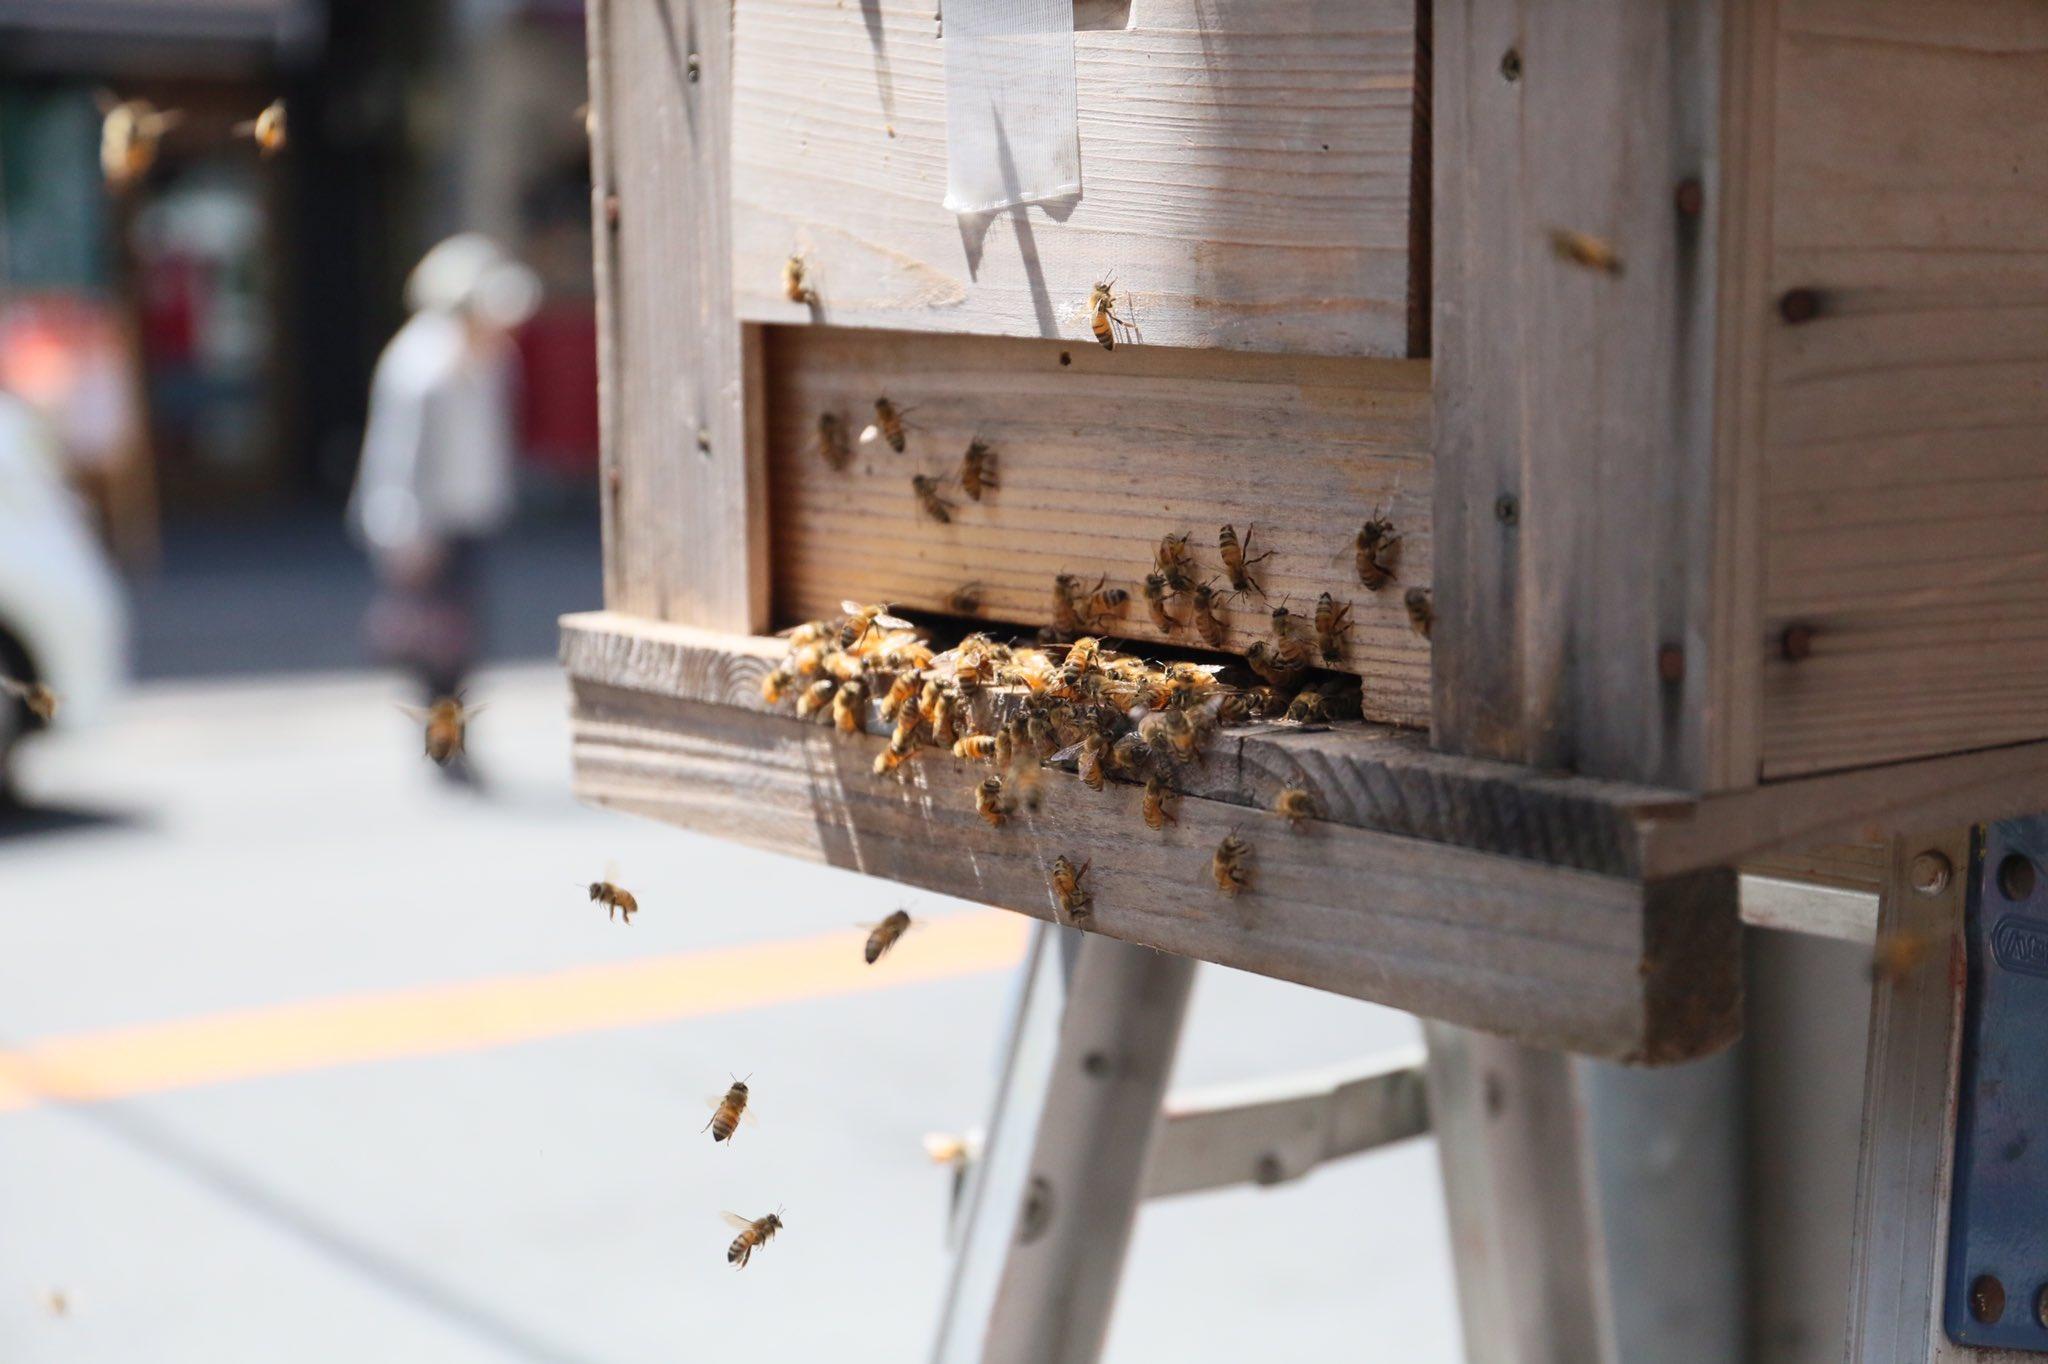 画像,この時期蜂は活発化し新しい女王蜂が産まれ古い女王蜂蜂が巣から去る「分蜂(ぶんぽう)」という現象。その為古い女王蜂が巣から去り同時に女王蜂を追いかけてミツバチ達も…